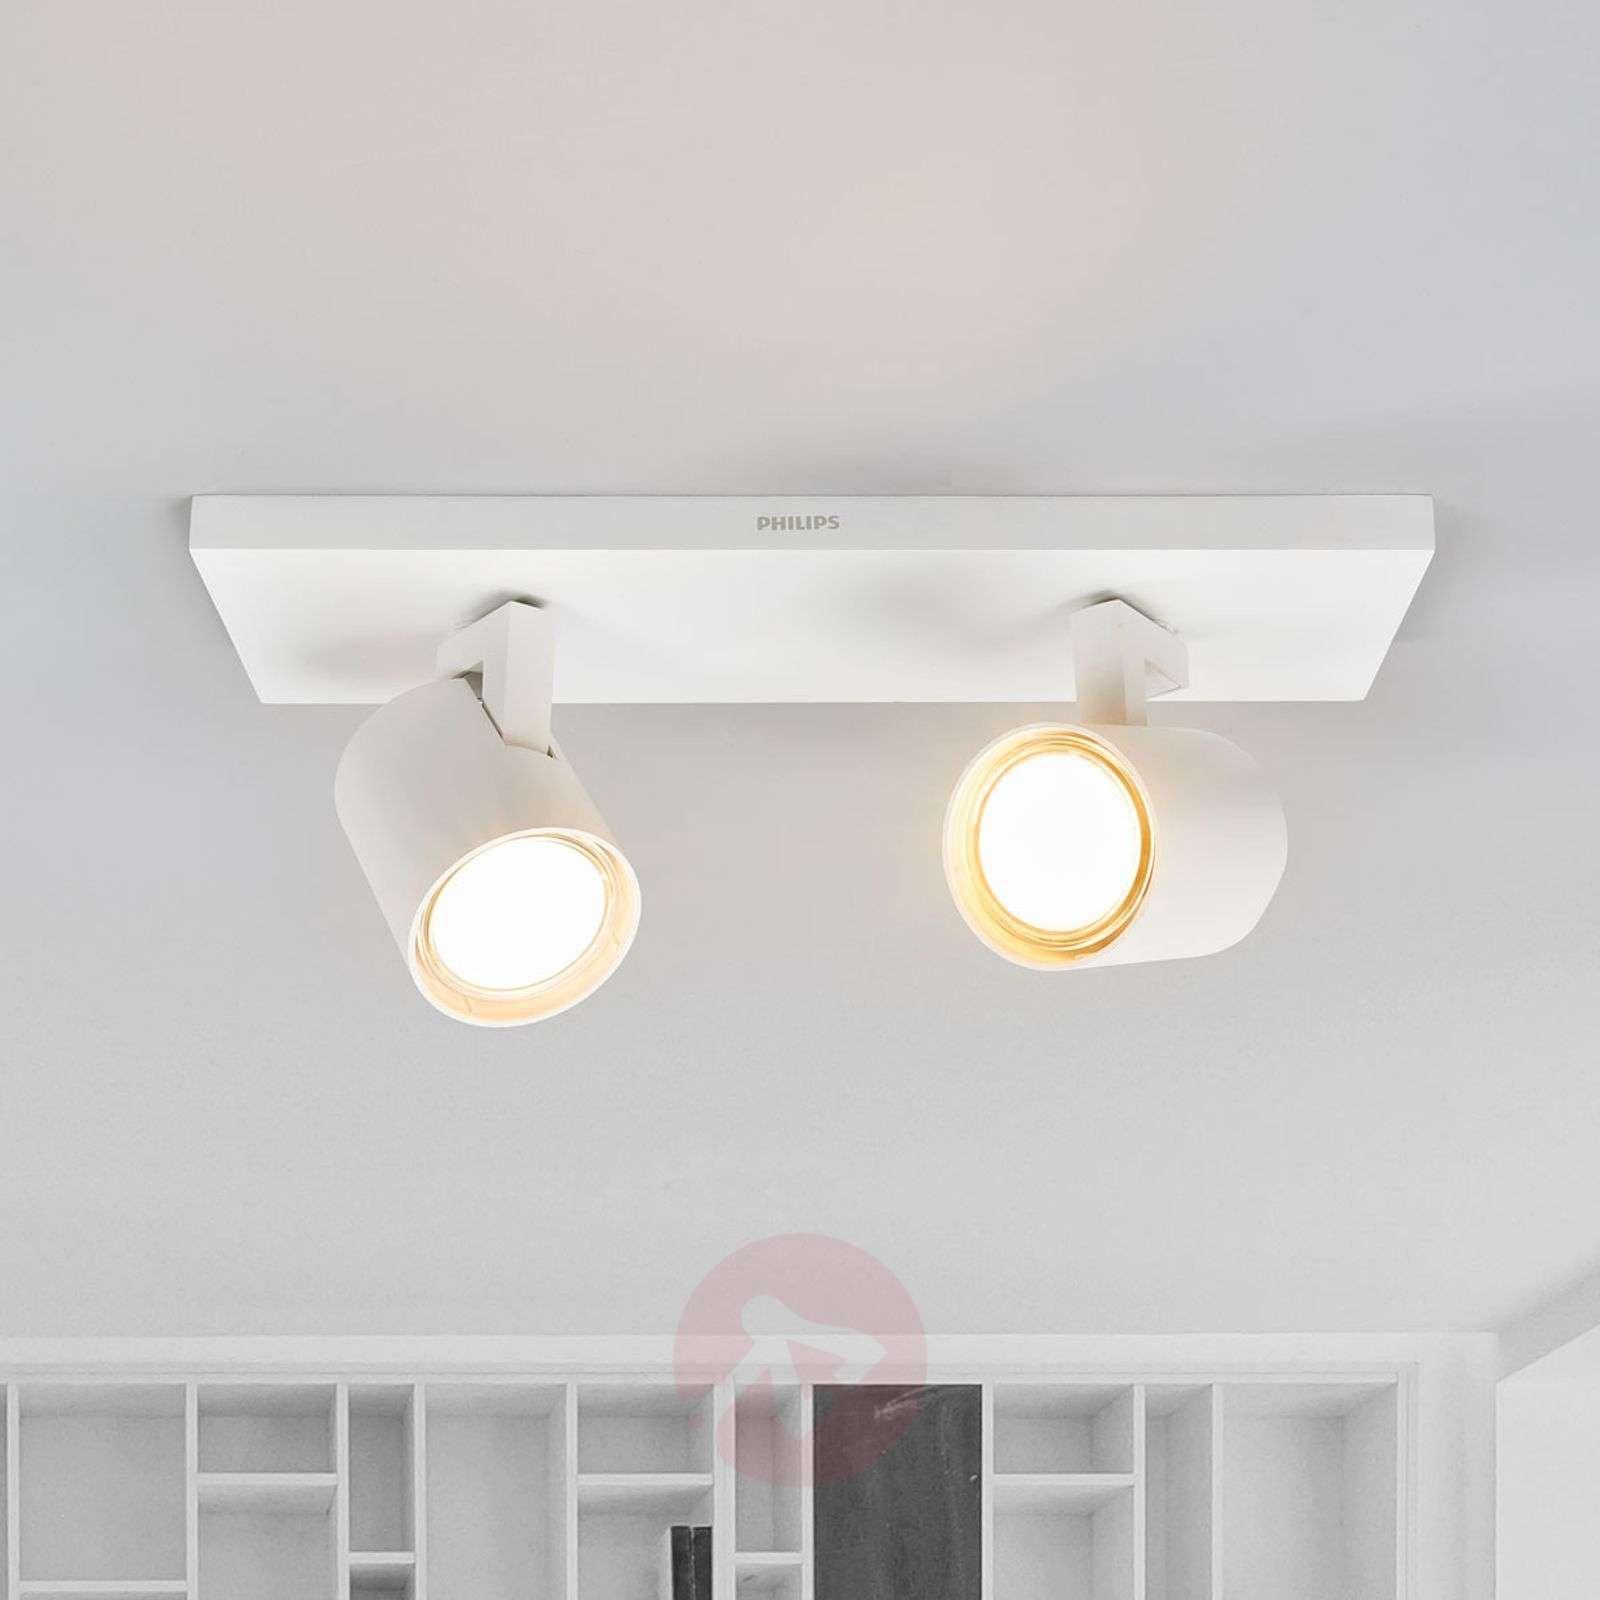 2-bulb LED ceiling light Runner